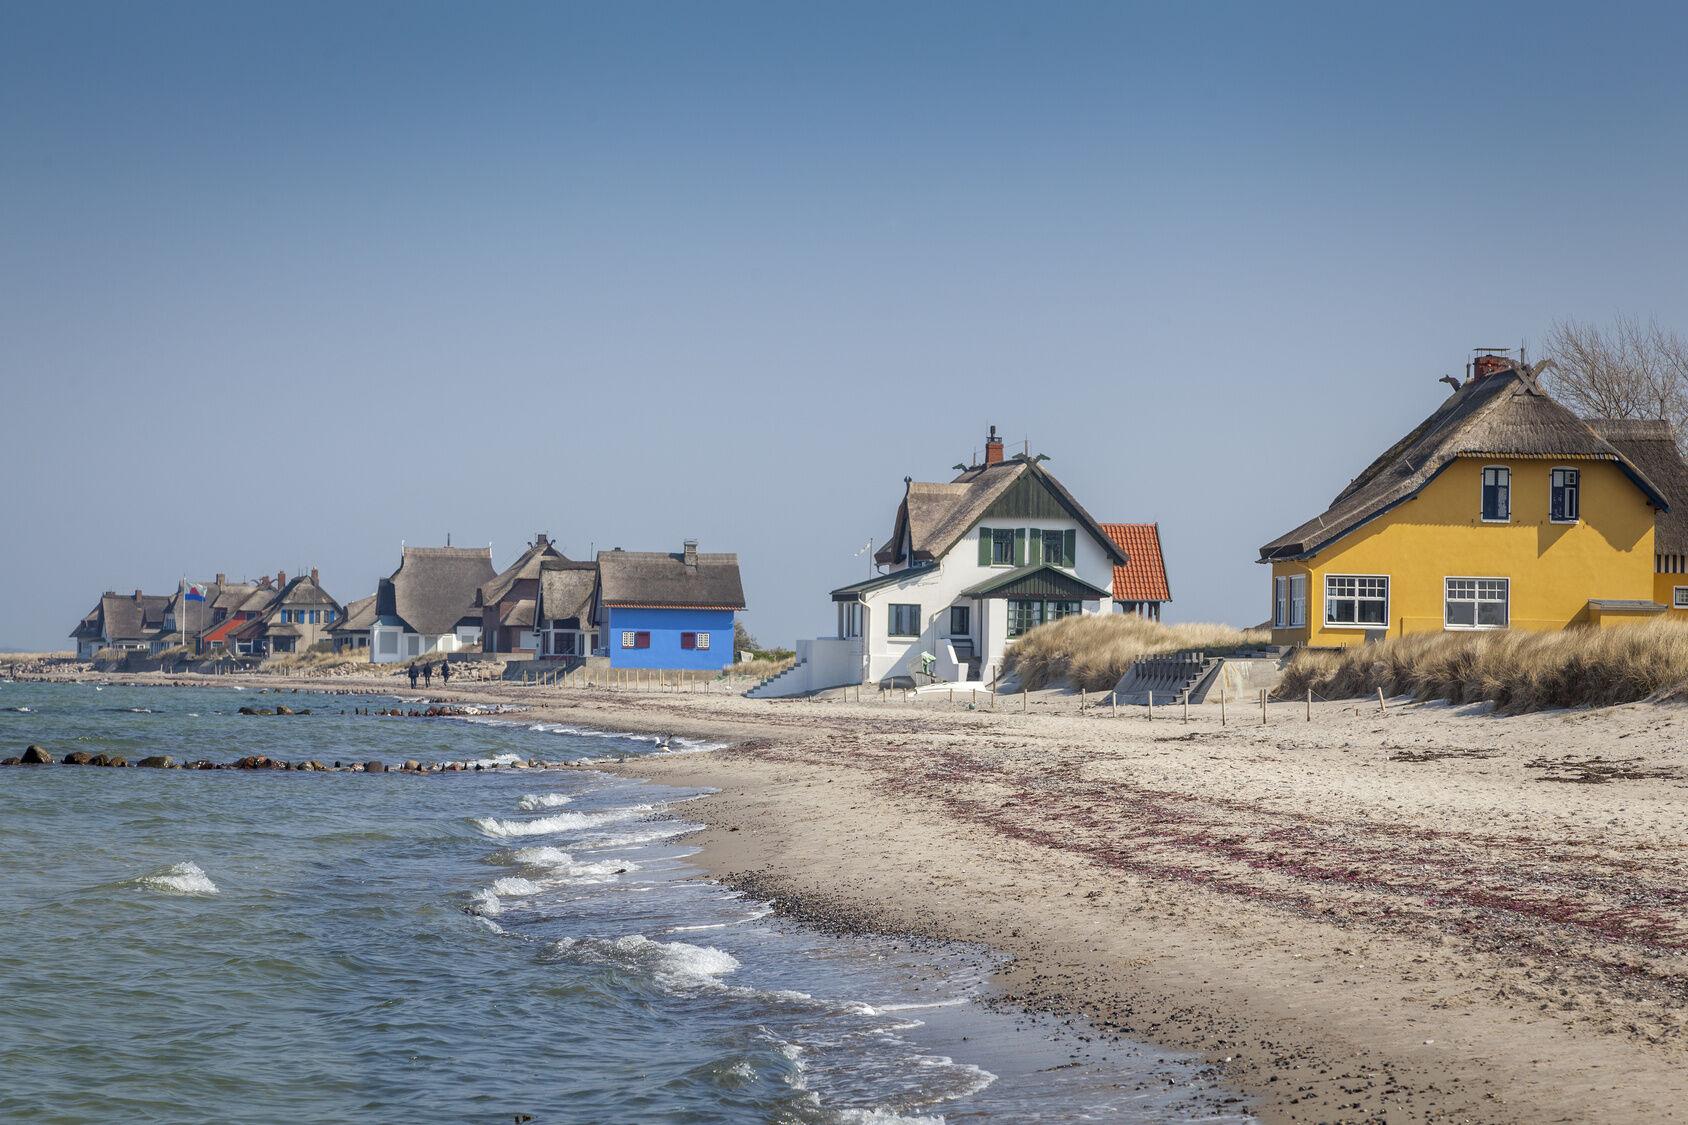 Ferienhaus am Strand der Ostsee in Heiligenhafen,Schleswig-Holstein,Deutschland